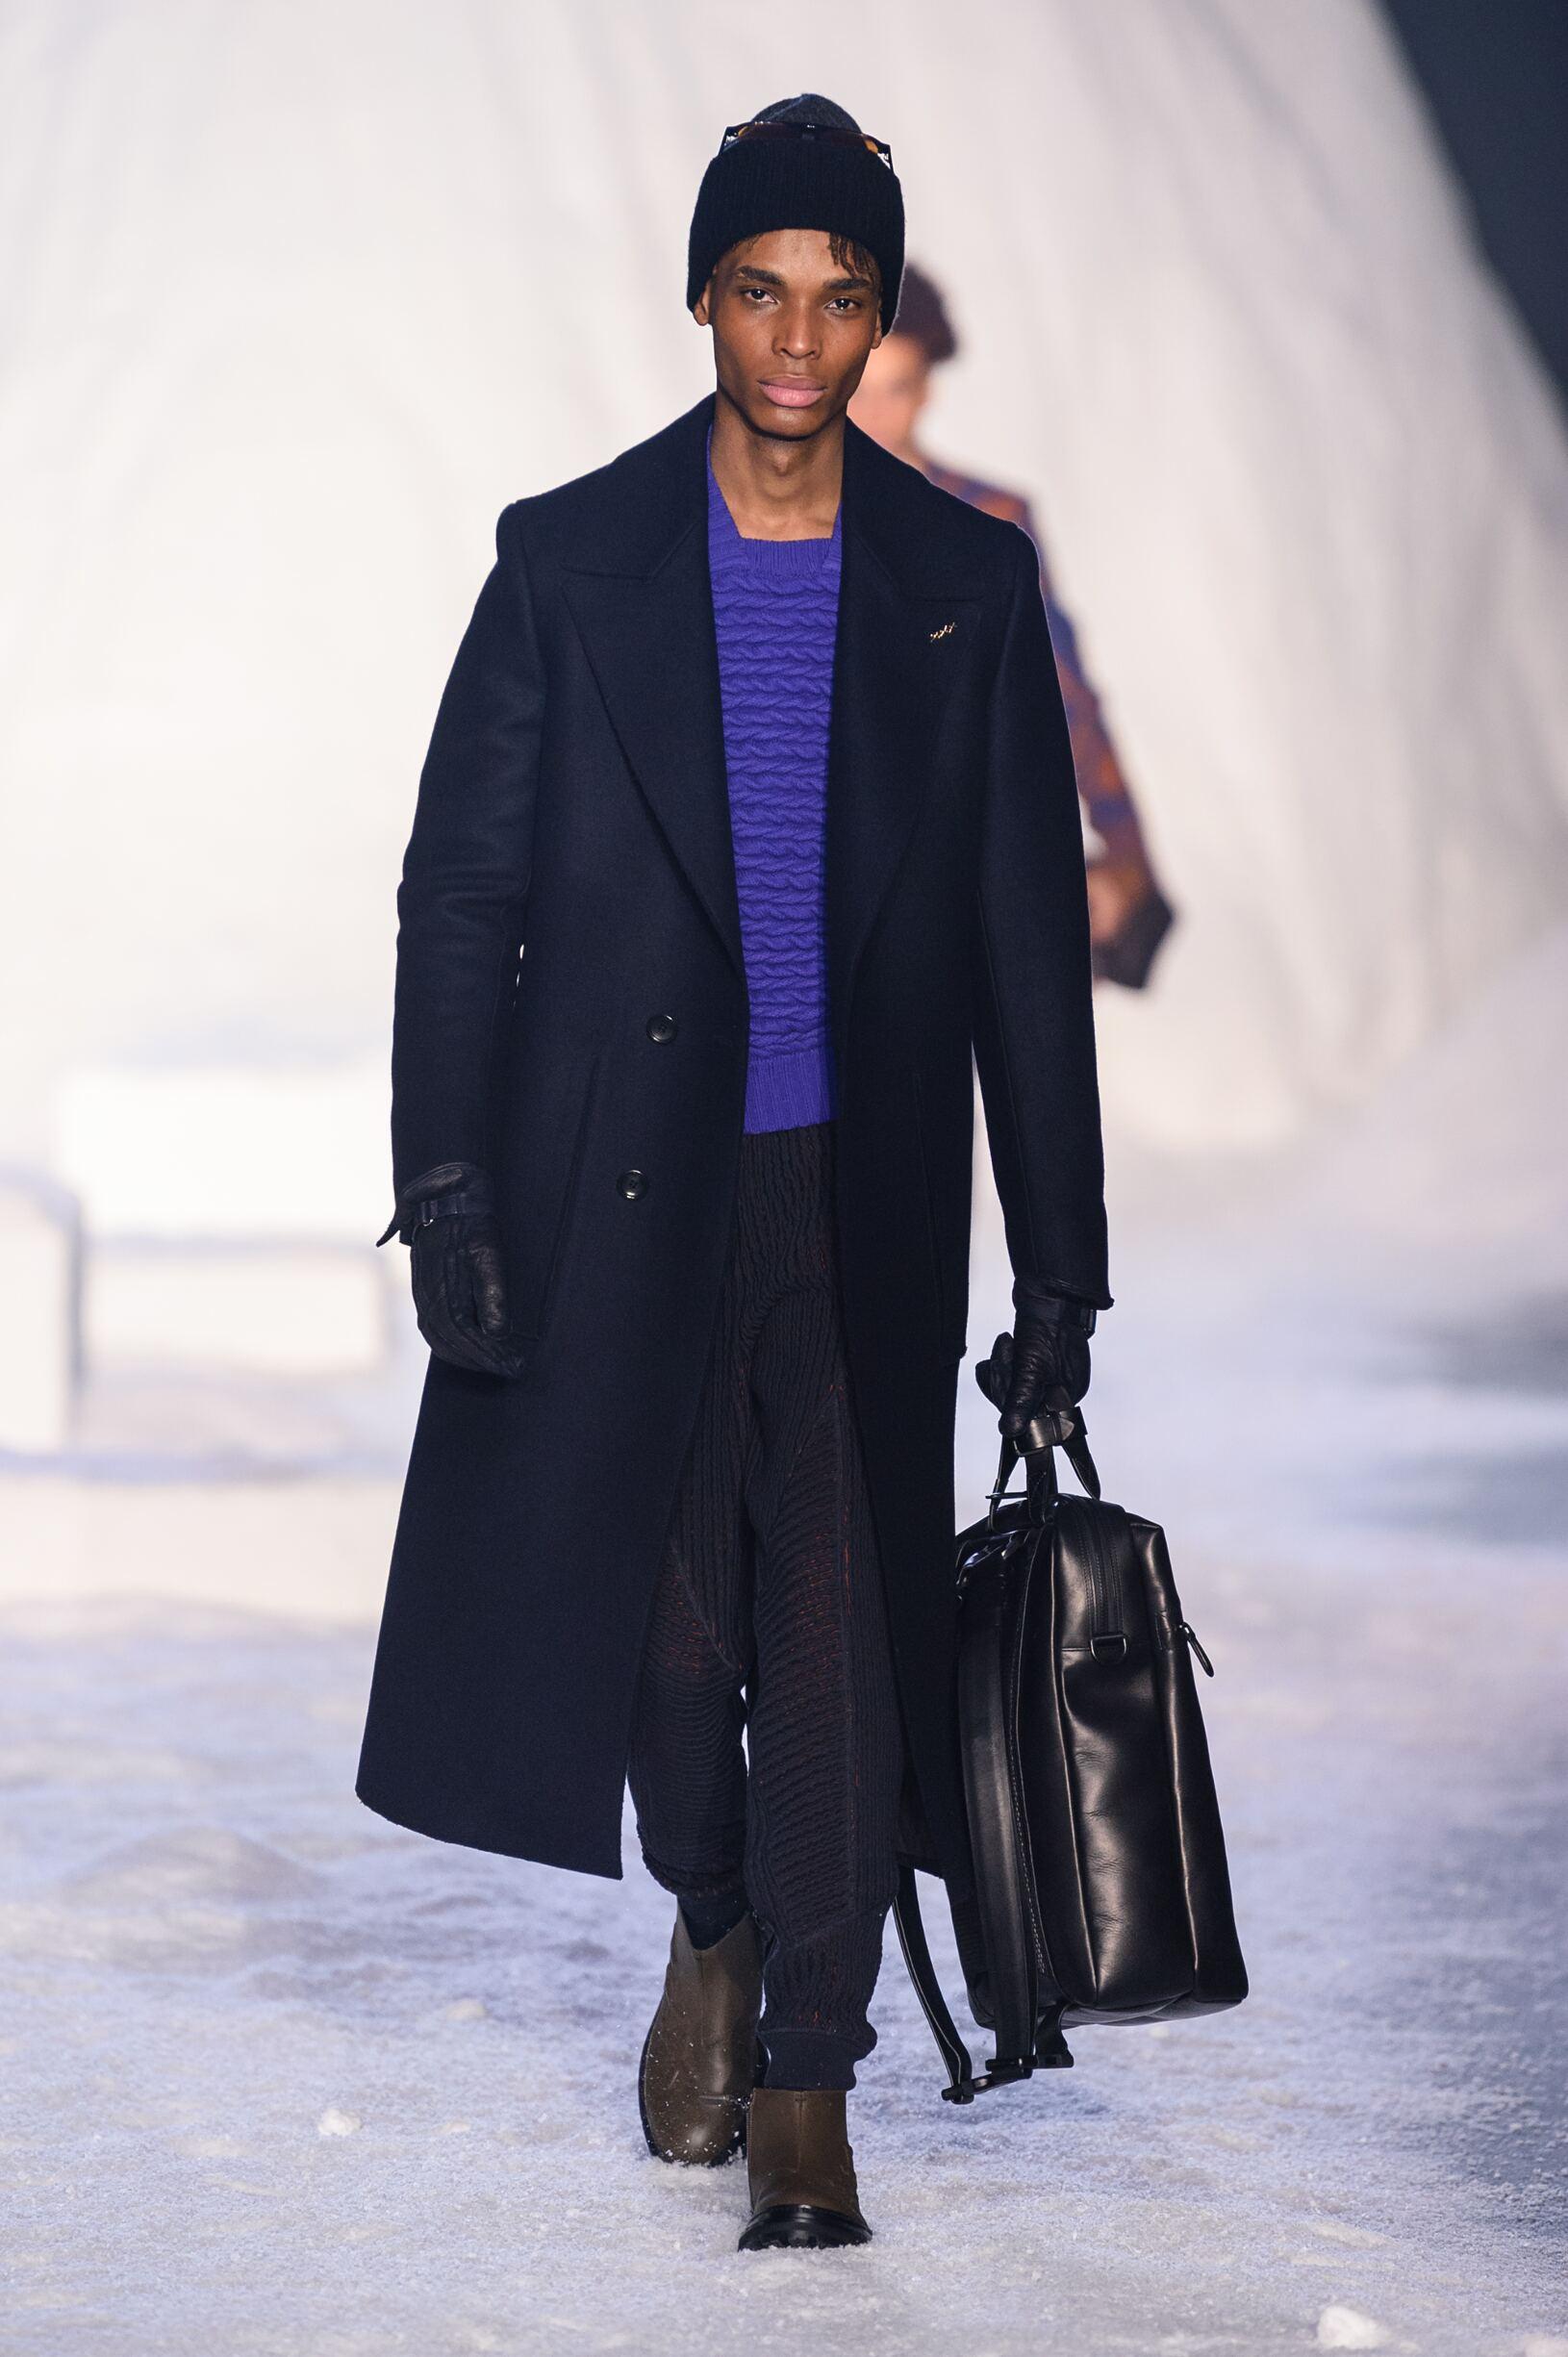 Fall Fashion Man Trends 2018 Ermenegildo Zegna Couture